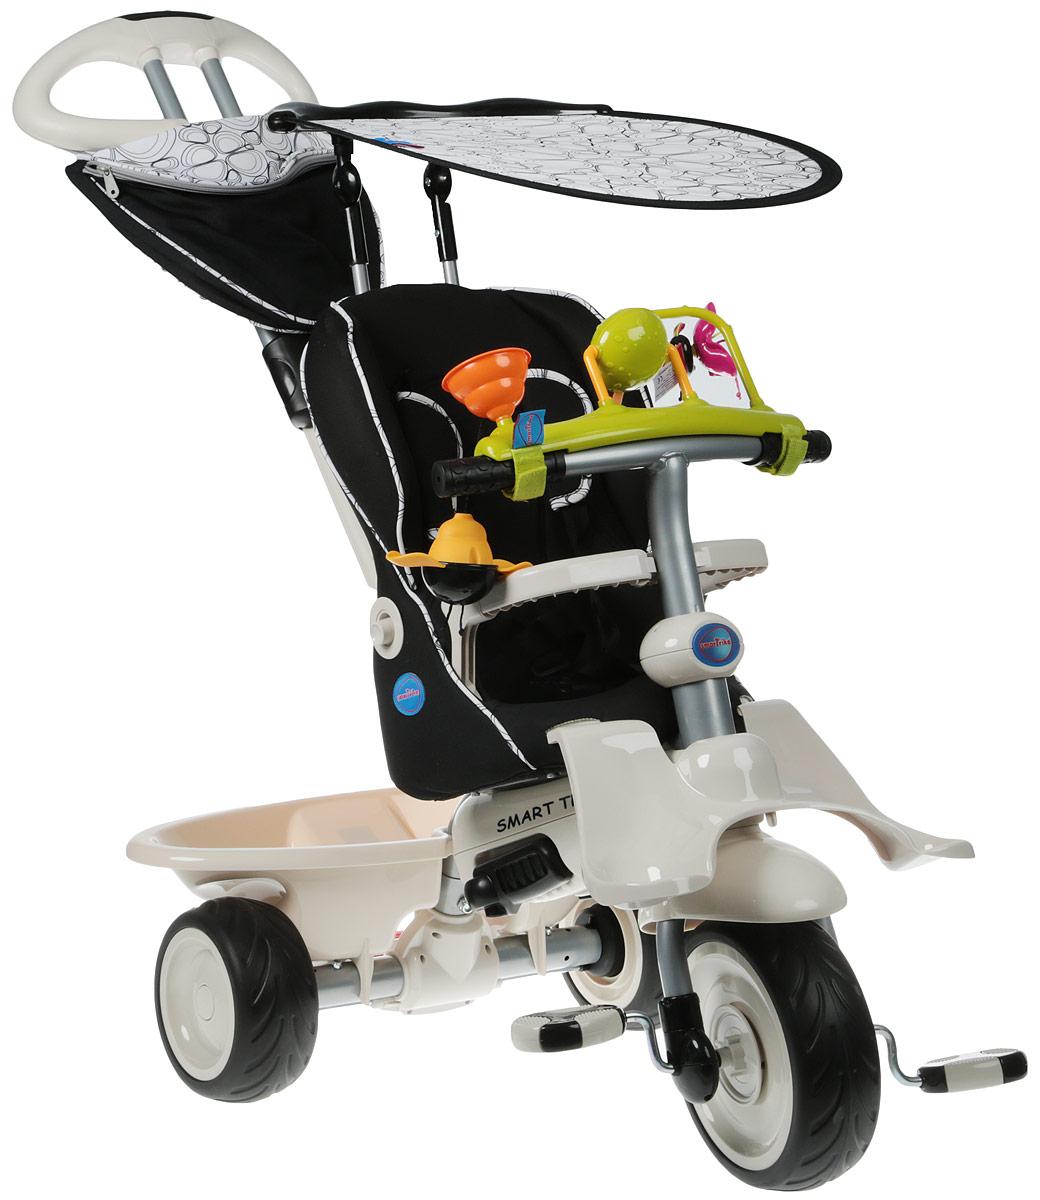 """Трехколесный велосипед Smart Trike """"Recliner"""" выполнен из прочного пластика и металла. Сиденье велосипеда оборудовано ремнем   безопасности, также велосипед имеет небольшой багажник для игрушек. Это единственный на сегодняшний день велосипед, рассчитанный на самых маленьких детей в возрасте от шести месяцев. Учитывая физические особенности малыша, у велосипеда есть дополнительная подставка   для ножек шестимесячных детей. Мягкое удобное сиденье, оборудованное 3-точечными ремнями безопасности и защитным поручнем, сделает   прогулку не только комфортной, но и максимально безопасной. Сиденье имеет возможность регулировки удаленности от руля в двух положениях,   а благодаря высокой спинке, которую можно опускать при нажатии на кнопку, и дополнительной боковой поддержке для головы, малыш сможет   ехать полулежа и даже вздремнуть во время прогулки.   Основные характеристики:  резиновые колеса 8,4"""" / 6,4"""";   управляющая ручка с внутренней тягой;   2 подножки;  мягкая накидка на сиденье;   3-точечный   ремень безопасности;   страховочный обод;  корзина;   съемный солнцезащитный тент с возможностью регулировки обеспечивает ребенку защиту от ультрафиолетового излучения солнца на 30%;   ножная тормозная система;   свободный ход педалей;   регулировка   наклона спинки;   регулировка сиденья в 2-х положениях;   сумка;  игрушка на руль.    Какой велосипед выбрать? Статья OZON Гид"""